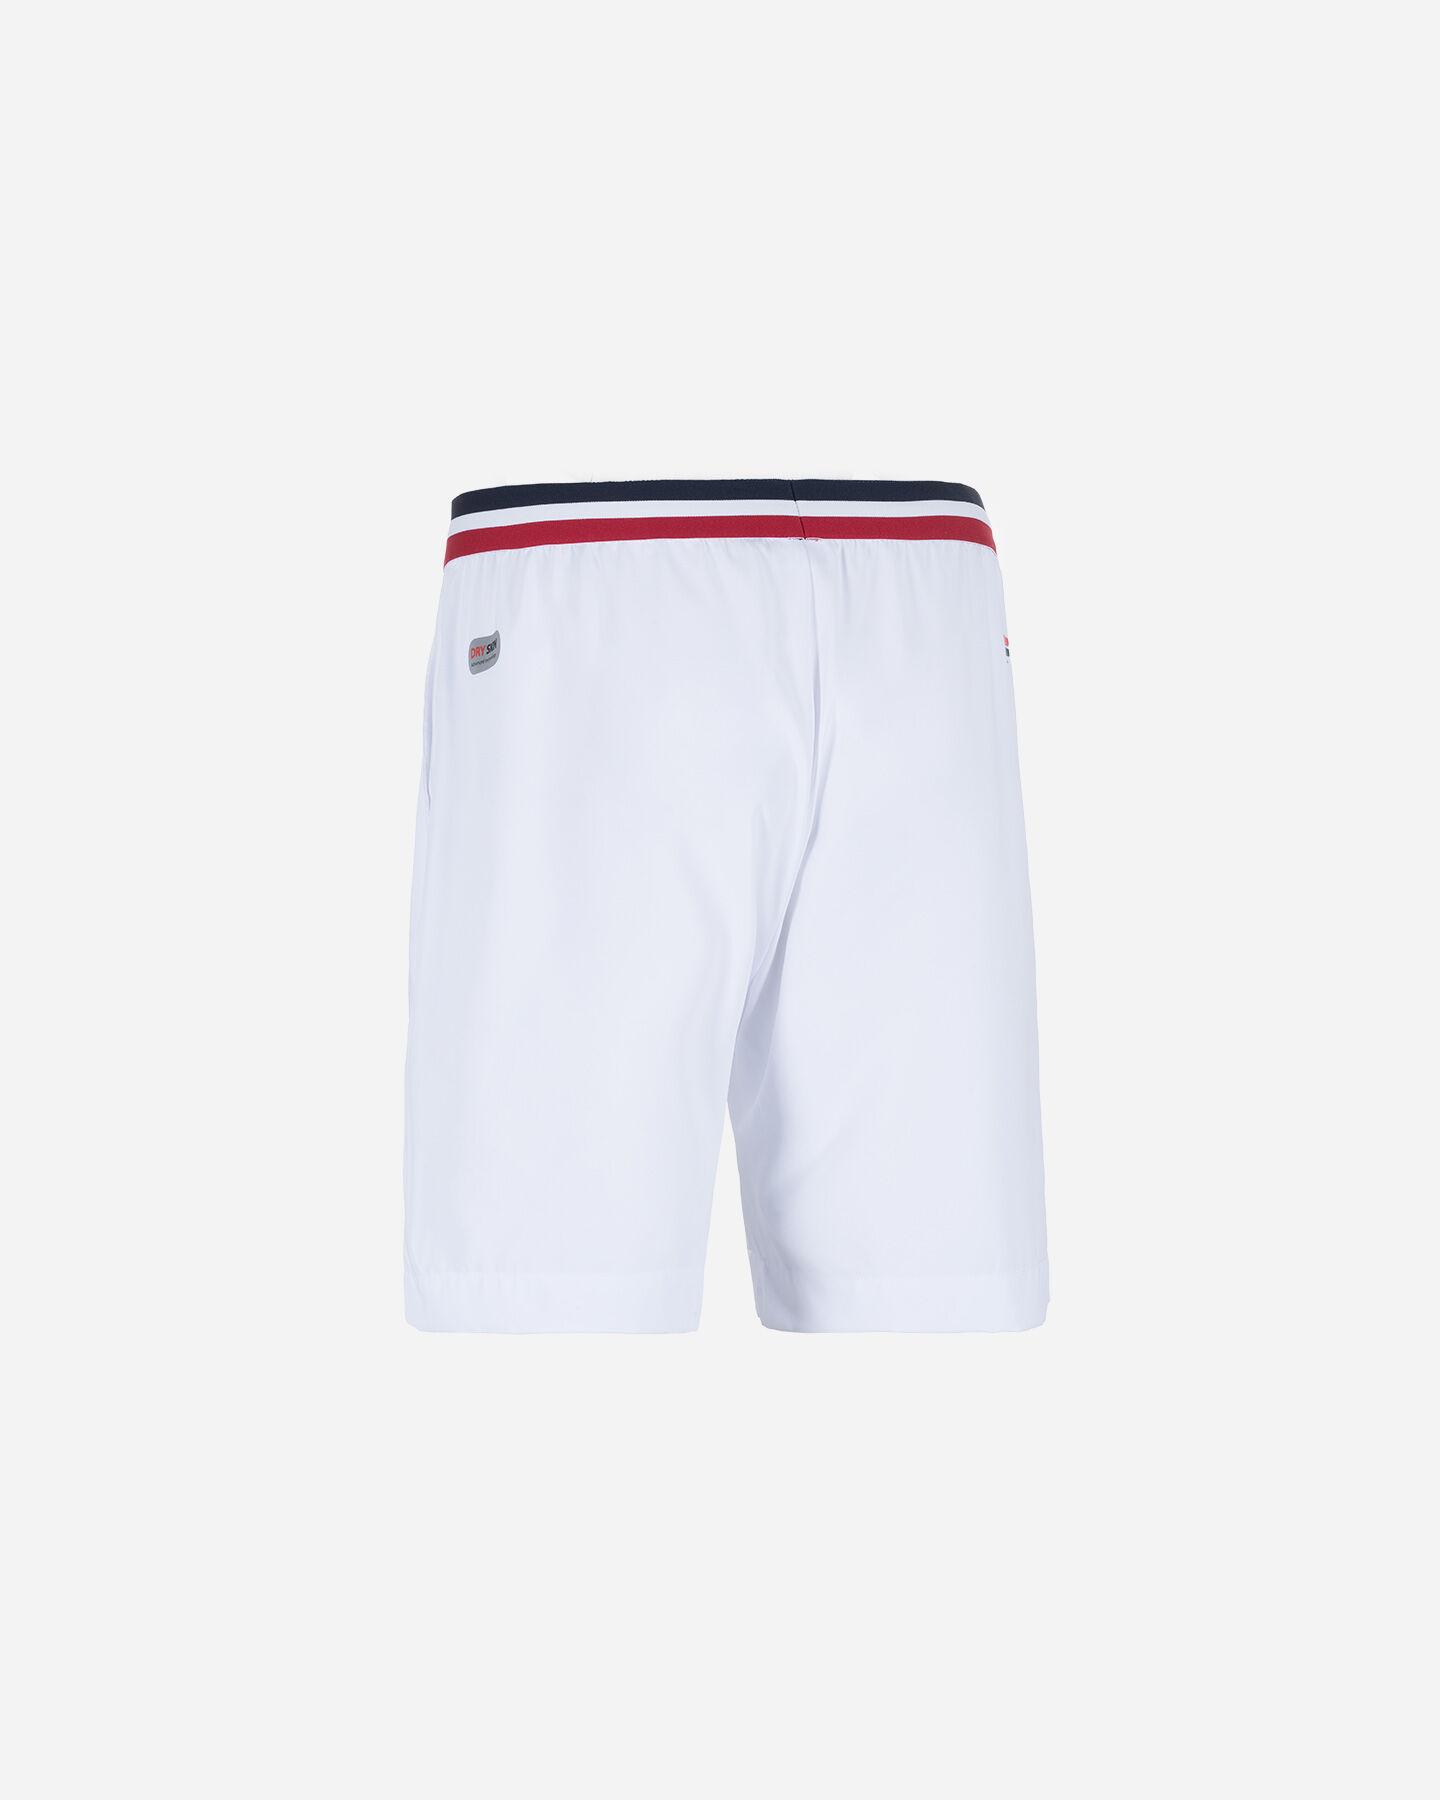 Pantaloncini tennis FILA CLASSIC TENNIS M S4075798 scatto 5